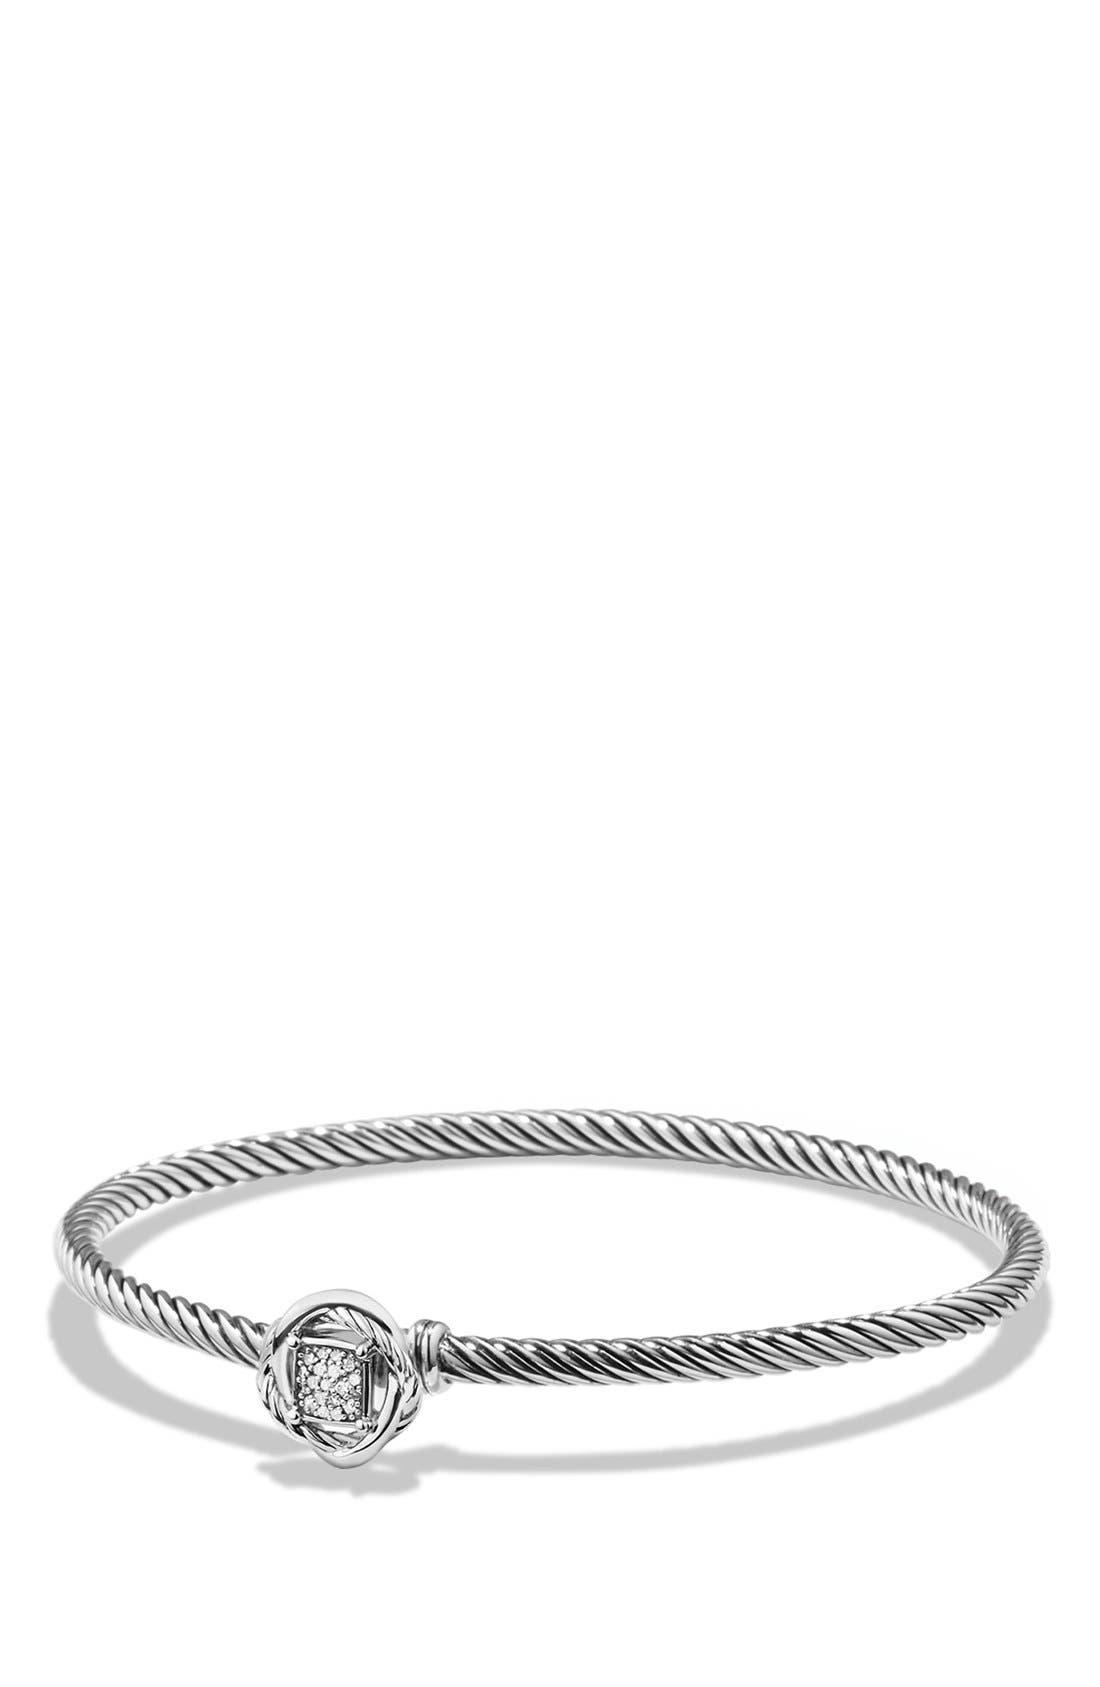 DAVID YURMAN 'Infinity' Bracelet with Diamonds, Main, color, DIAMOND